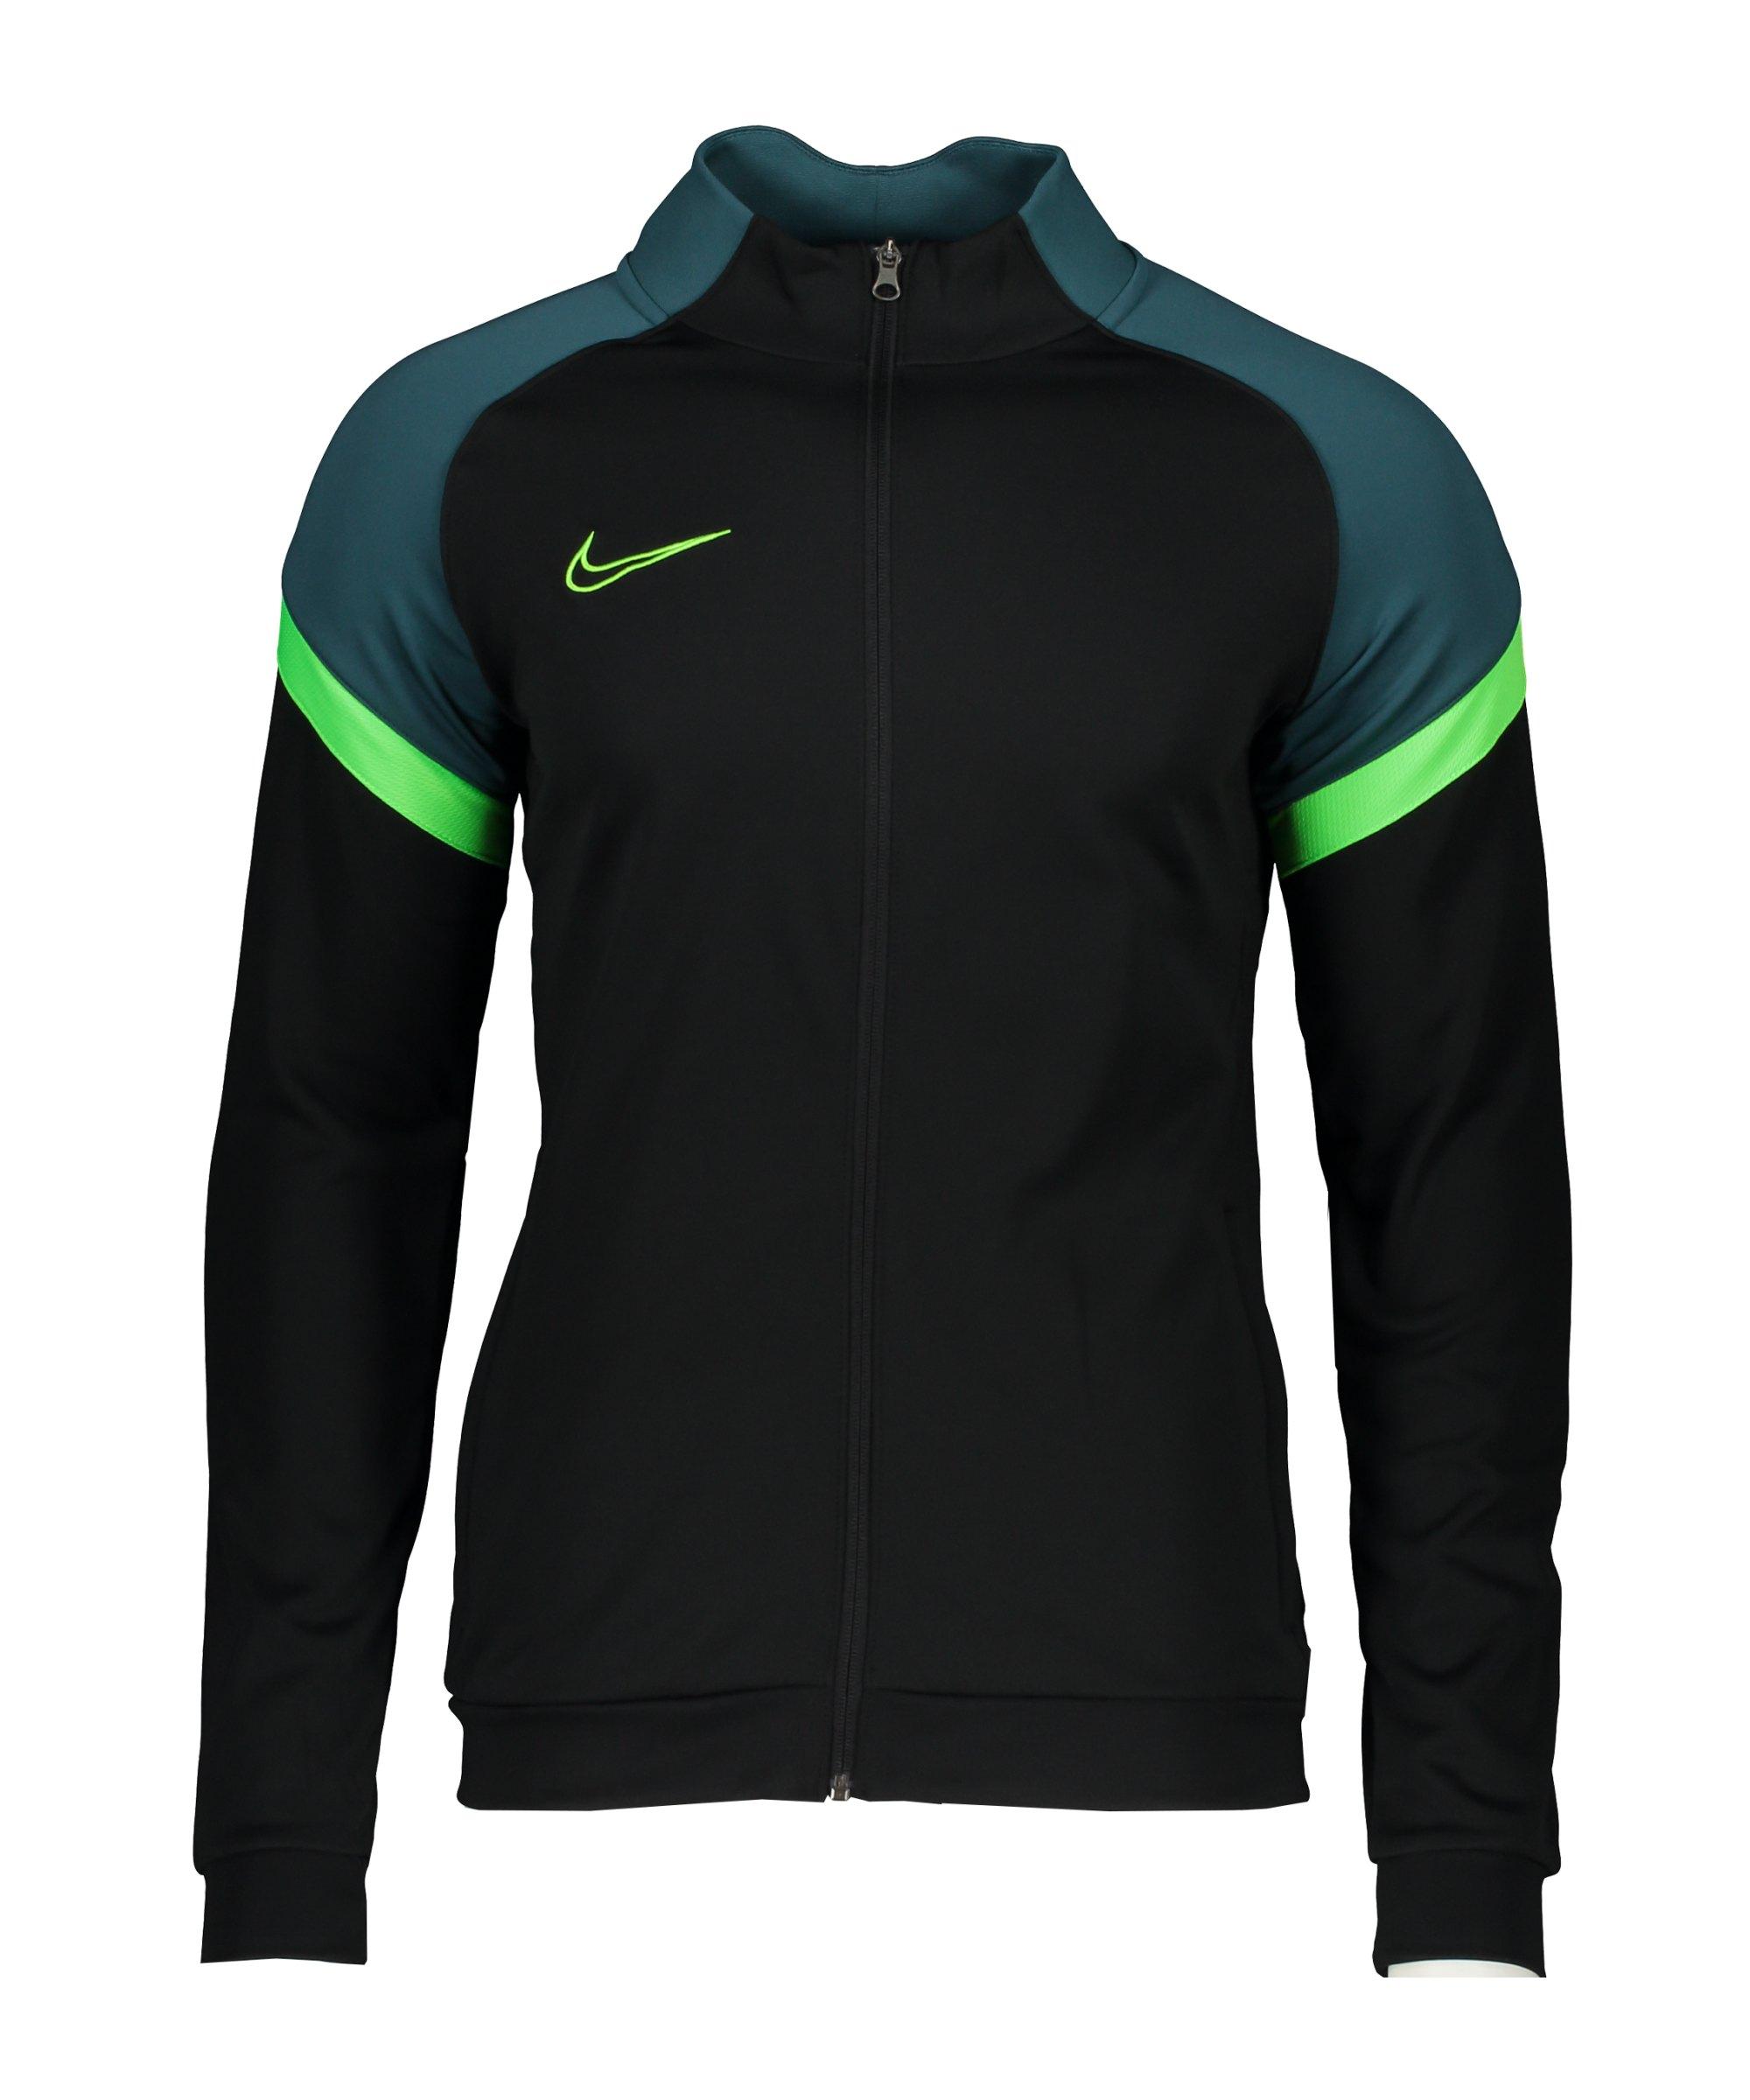 Nike Dry Academy Trainingsjacke Schwarz F015 - schwarz